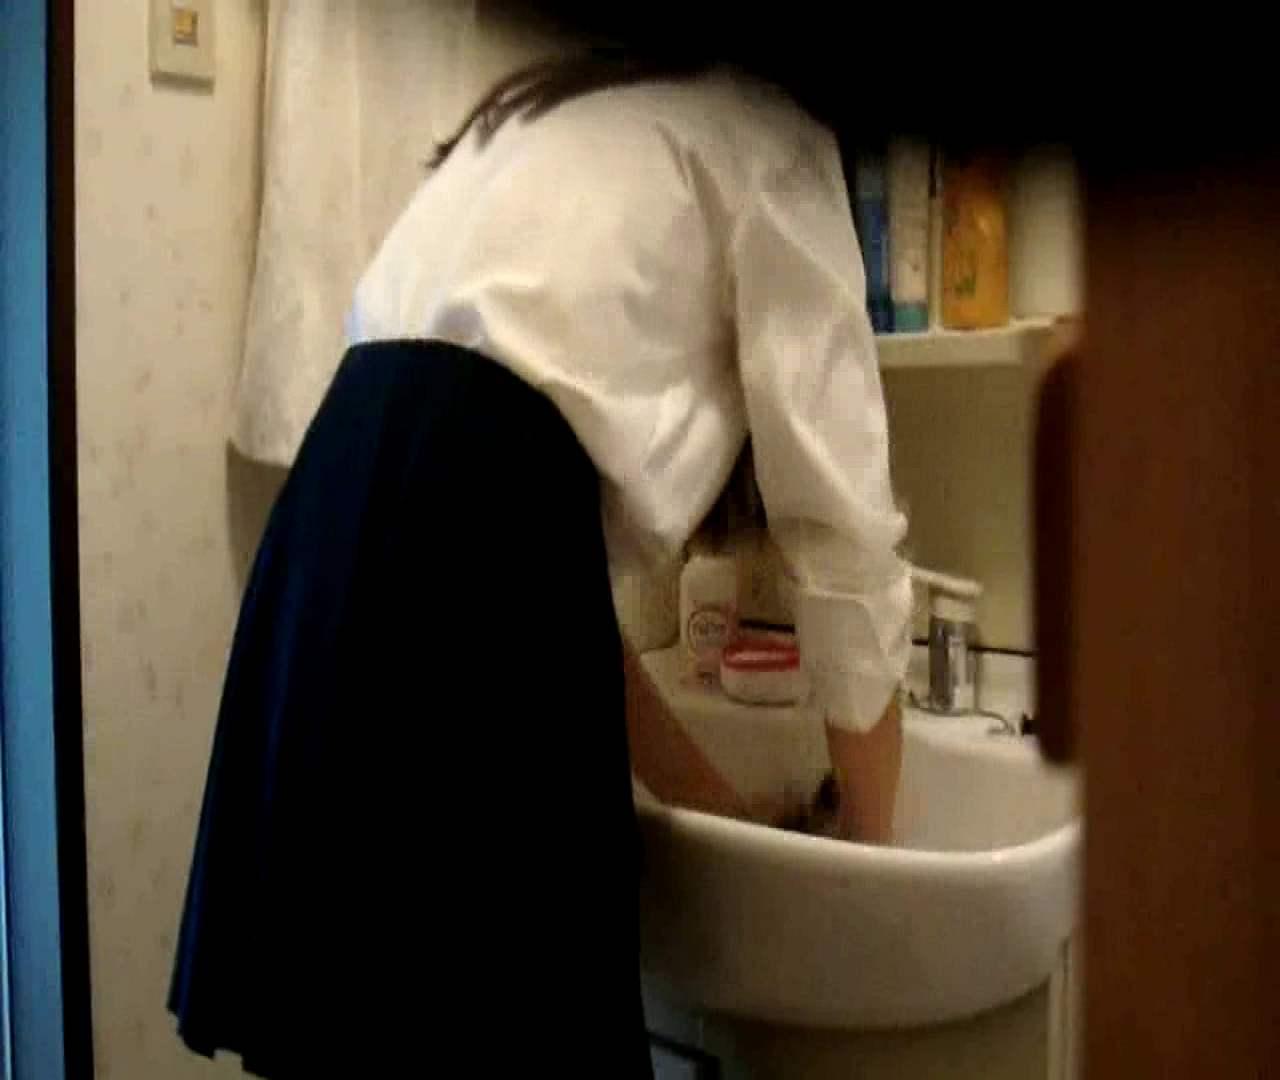 二人とも育てた甲斐がありました… vol.05 まどかが洗顔後にブラを洗濯 HなOL | 0  98pic 91